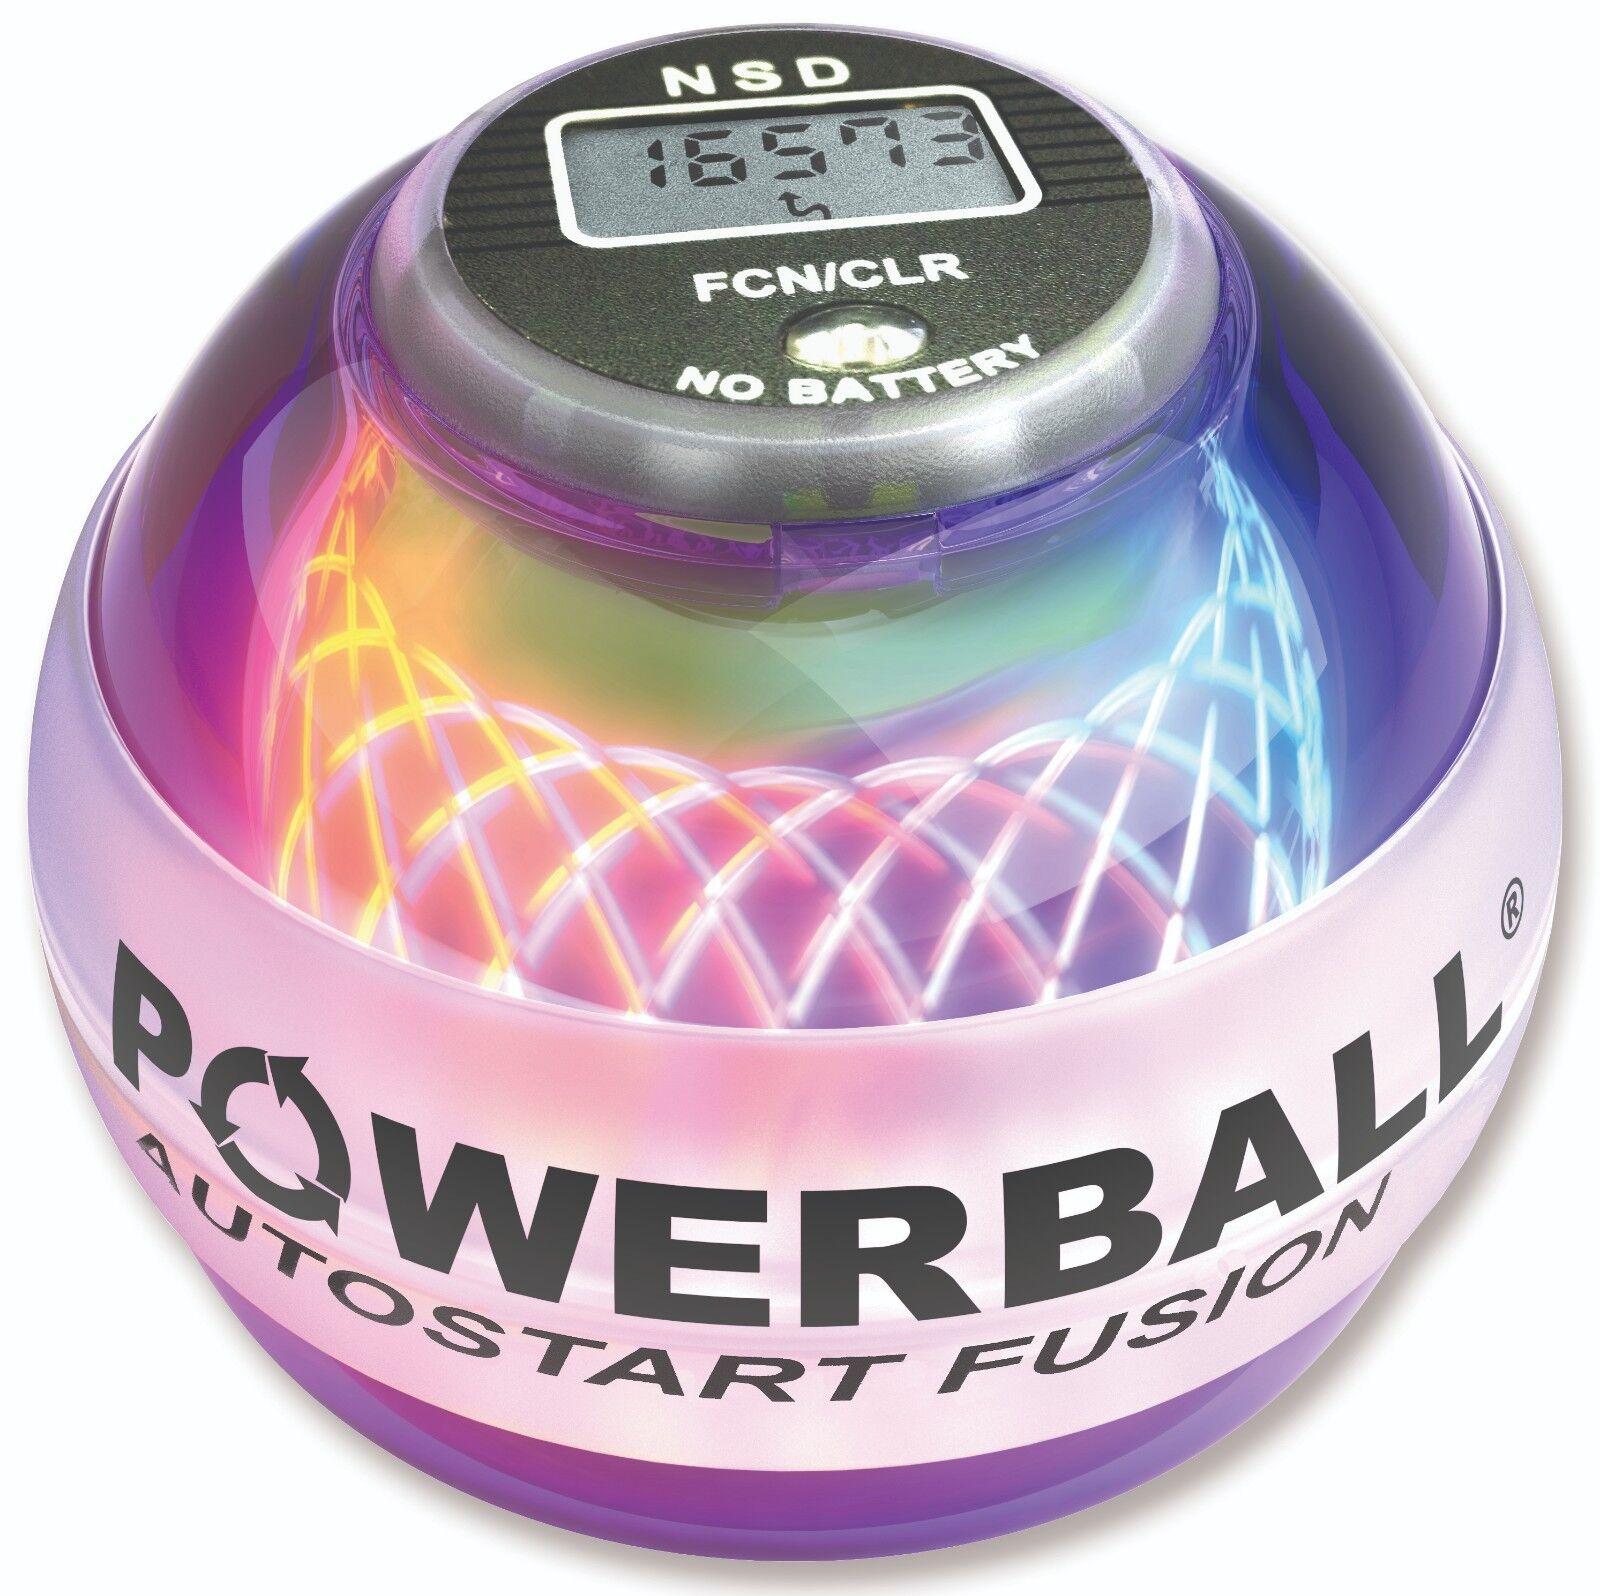 NSD Powerball 280Hz Indestructiball AutoStart Fusion Pro-PB688AMLC Pro-PB688AMLC Pro-PB688AMLC Power Ball ES 844d30